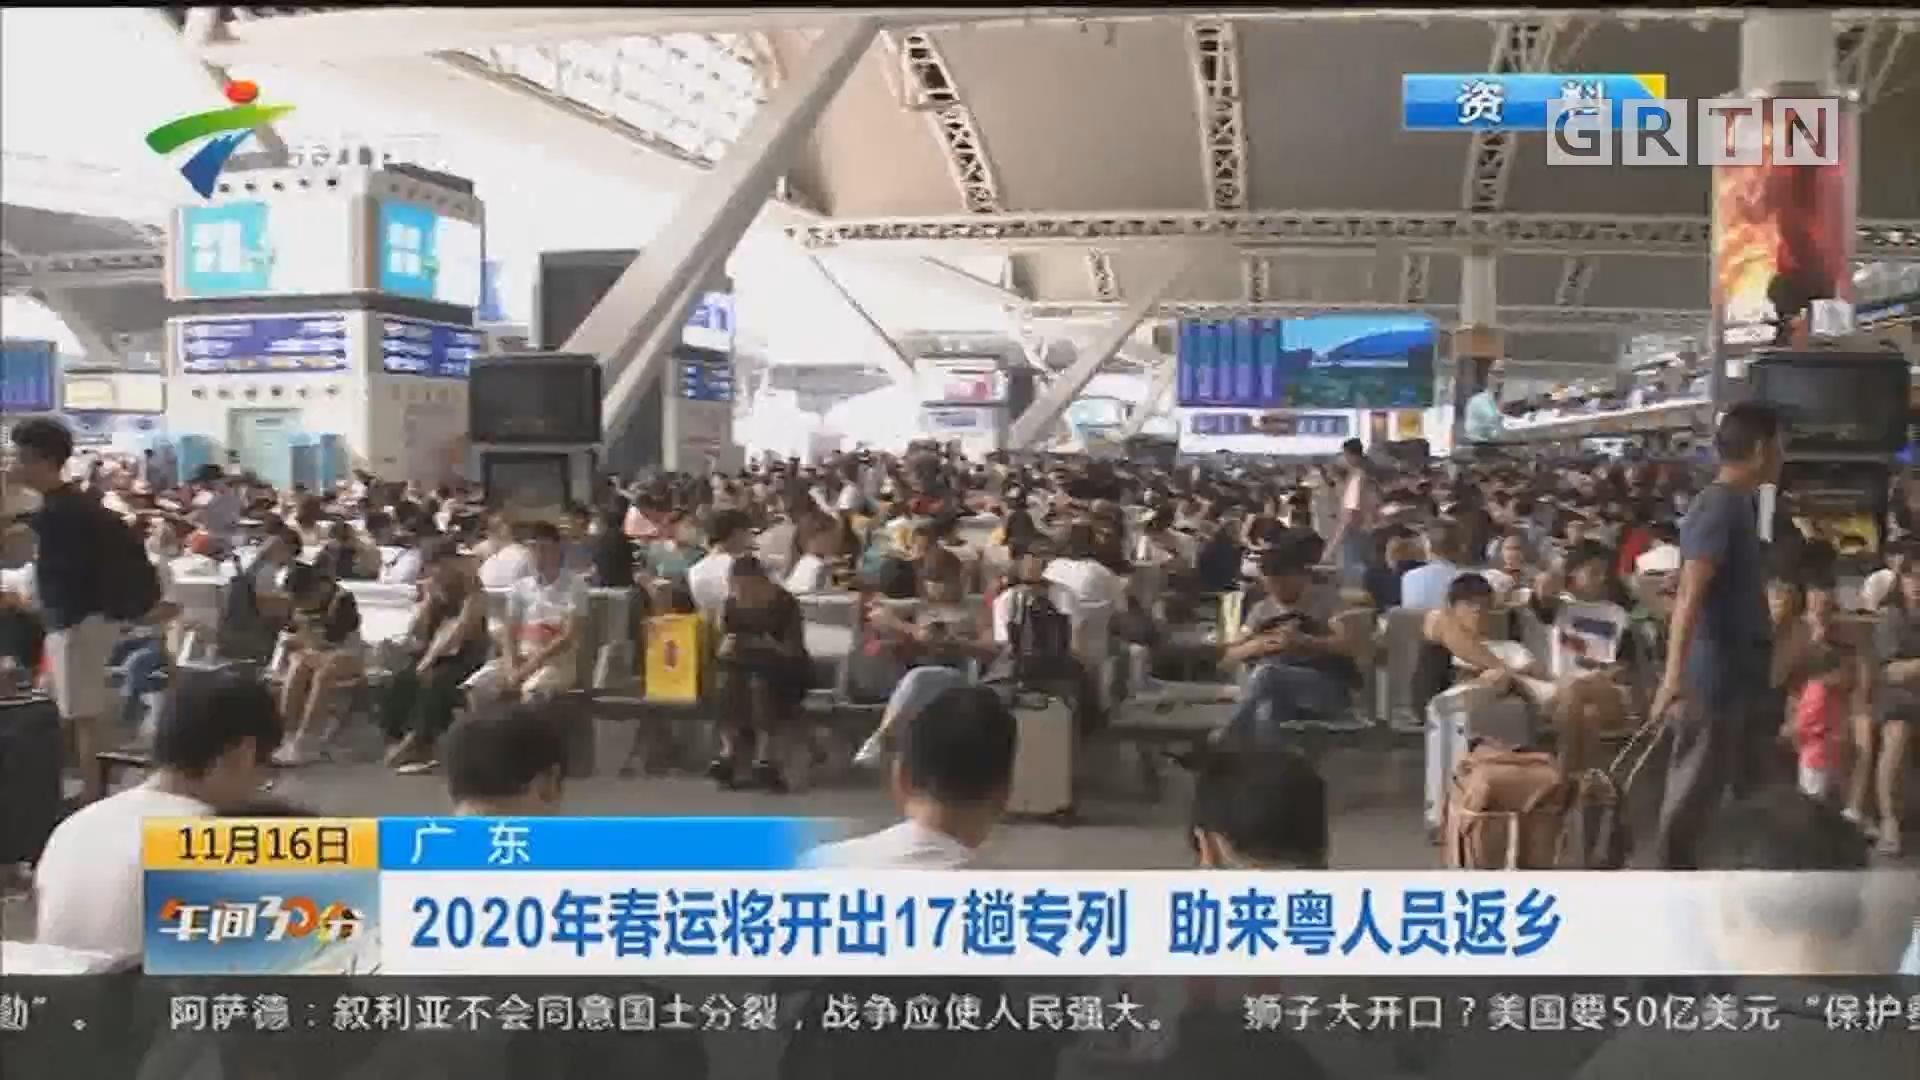 廣東:2020年春運訂票工作今天啟動